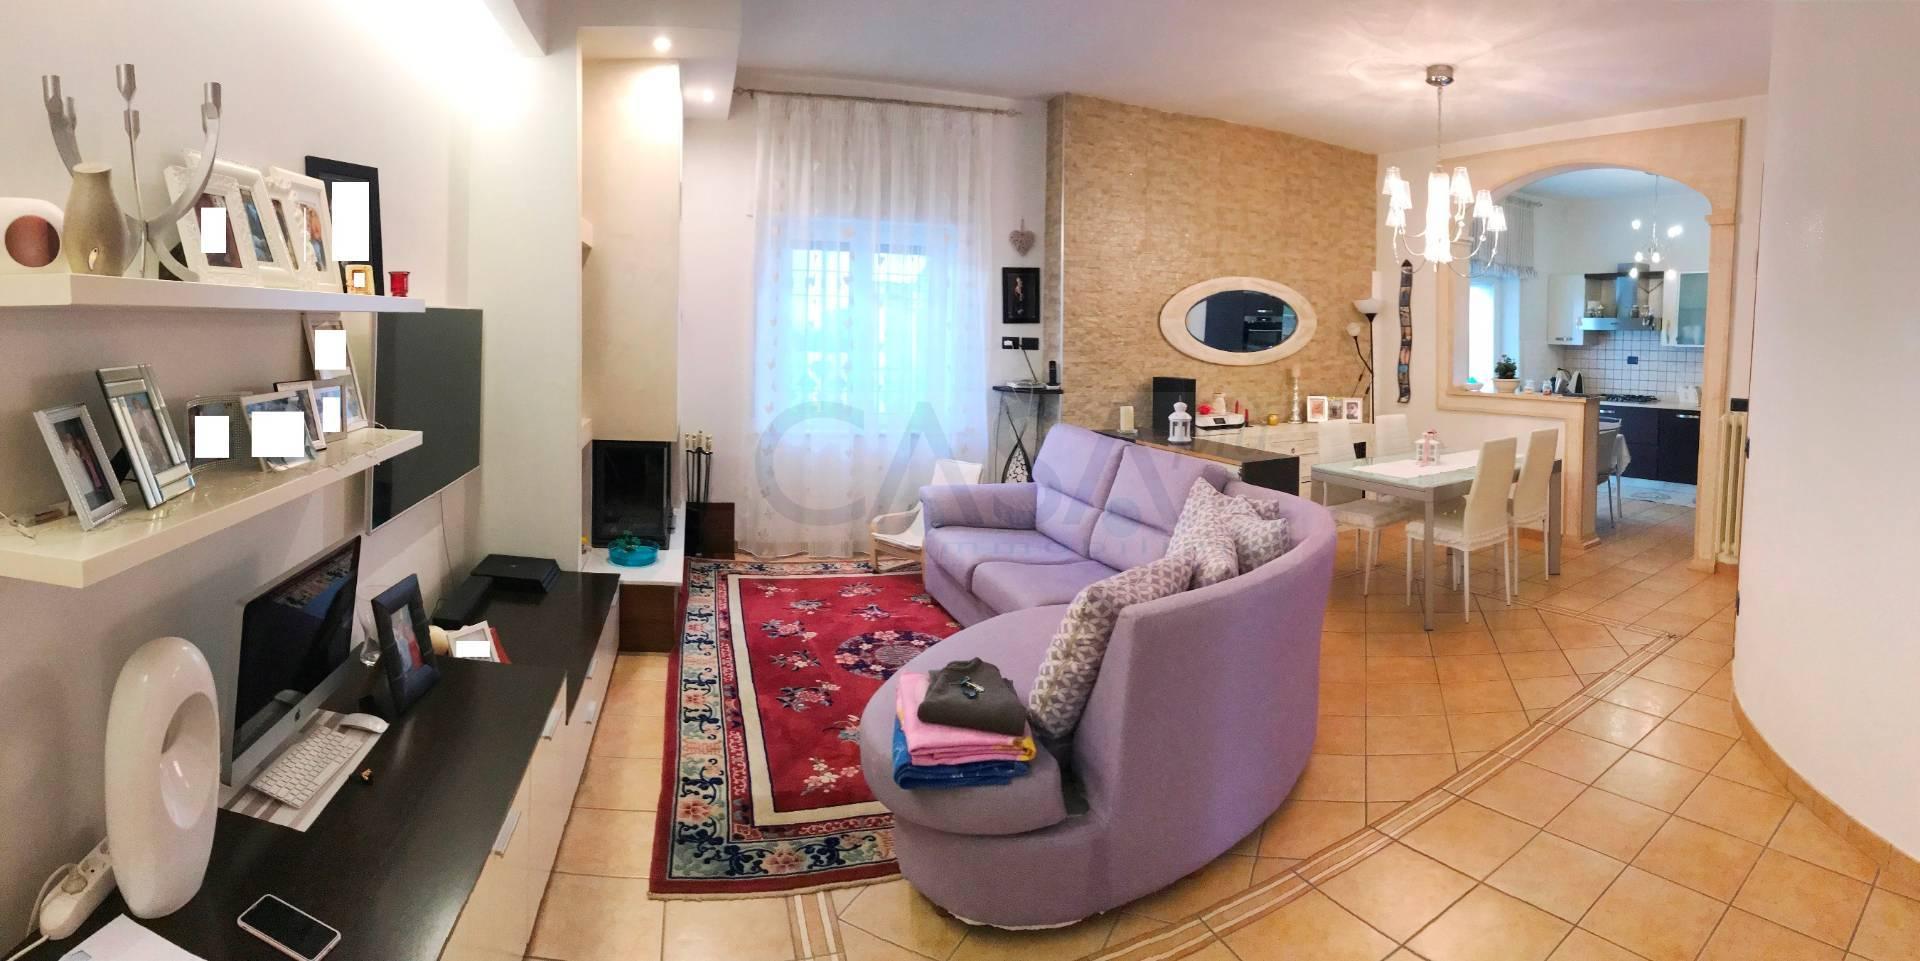 Appartamento in vendita a Monteprandone, 3 locali, zona obuchi, prezzo € 158.000 | PortaleAgenzieImmobiliari.it